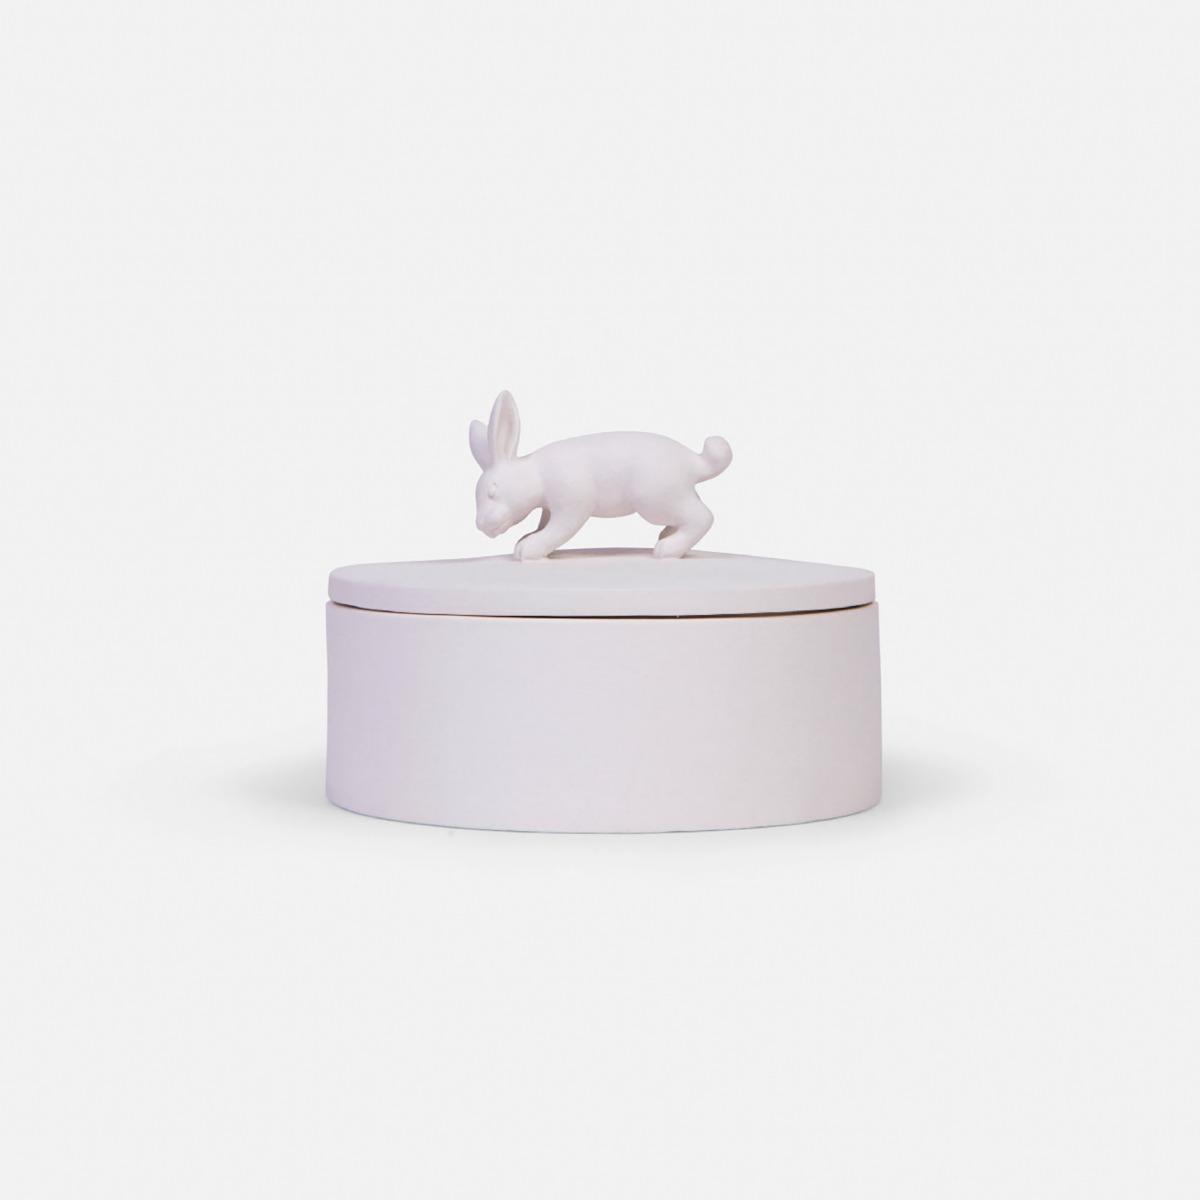 Caja de porcelana #1